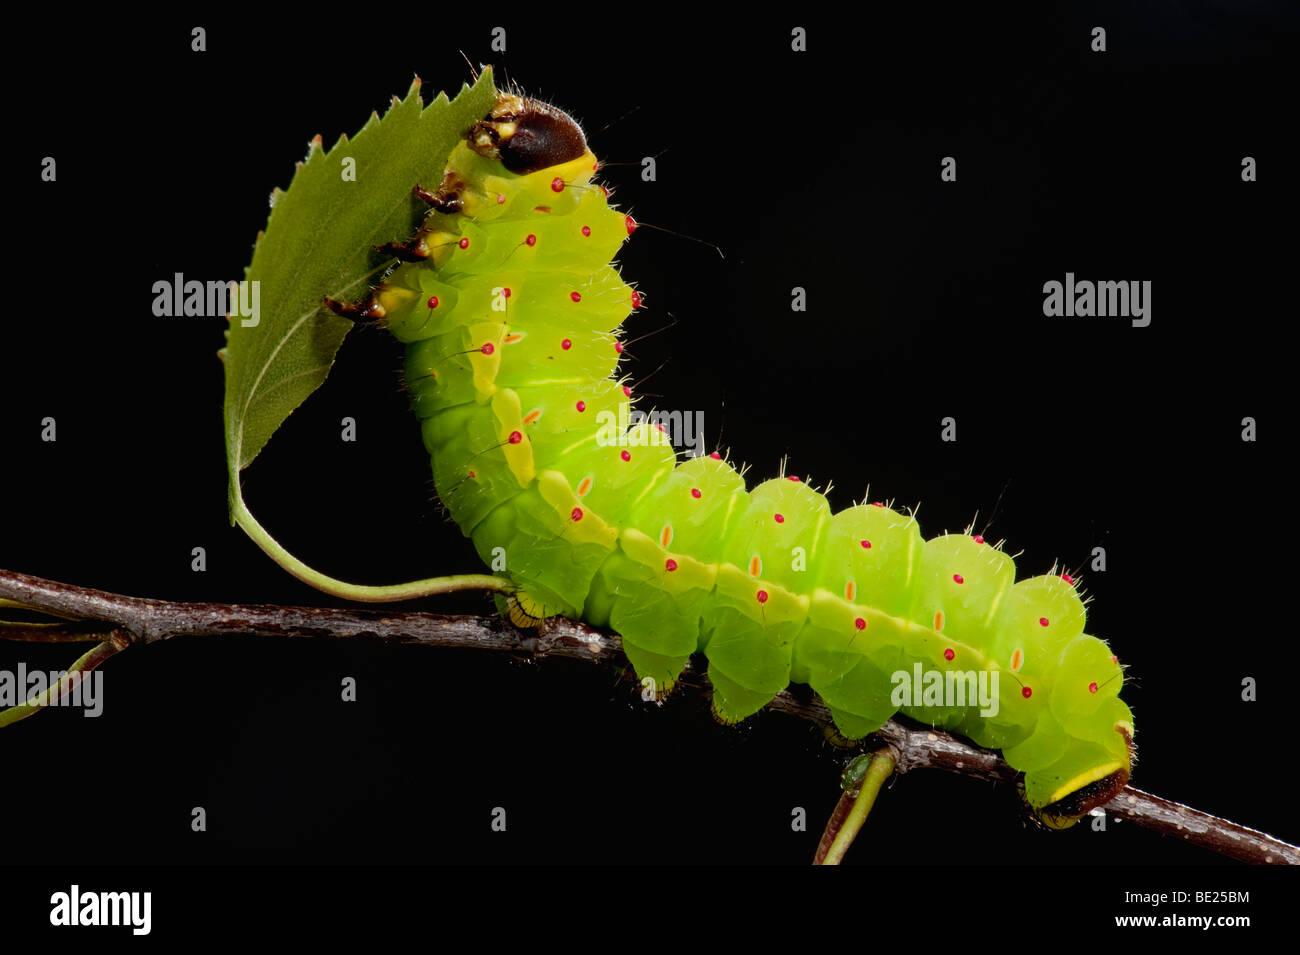 Luna oder Mond Schmetterling Raupe Actias Luna Larven ernähren sich von Birke Blätter hellgrün Stockbild